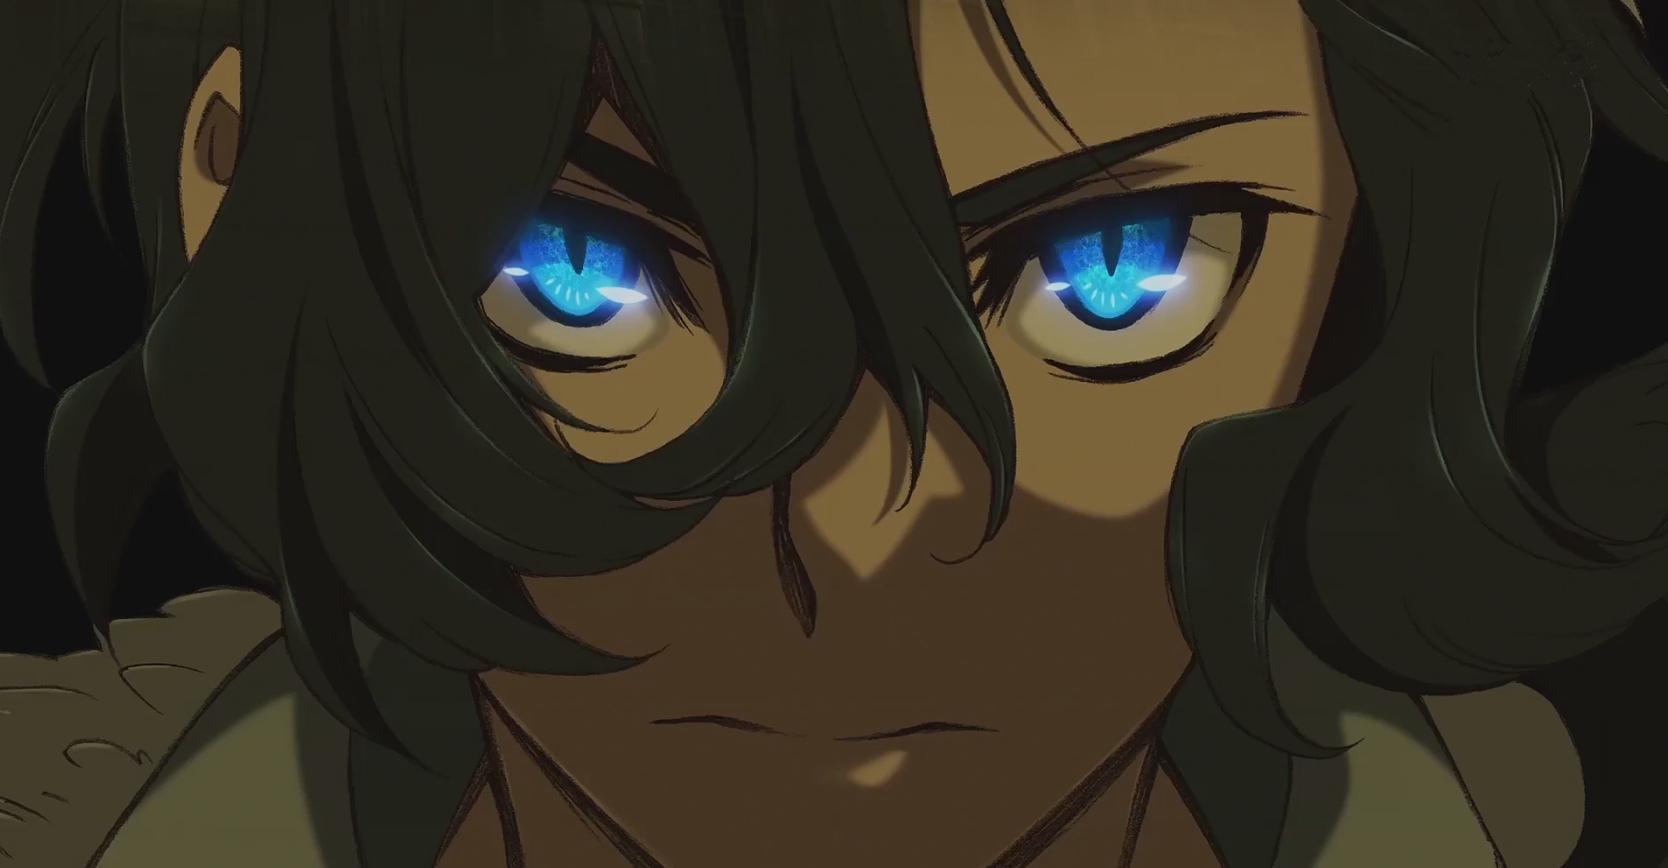 天狼 Sirius the Jaegerの画像 p1_15